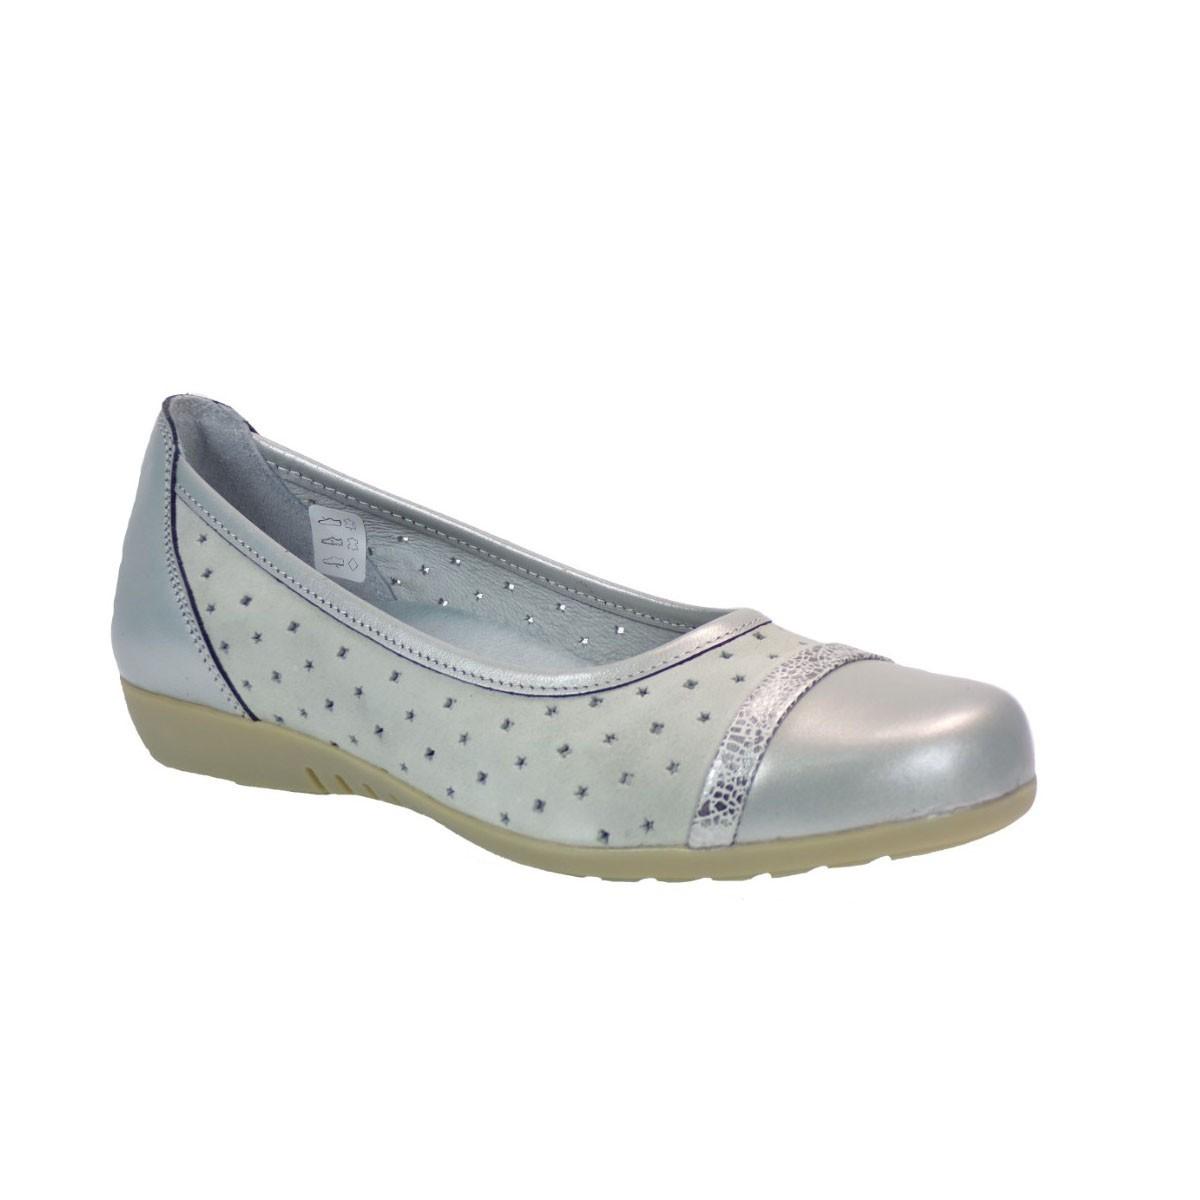 Kiarflex Γυναικεία Παπούτσια 16181,30 Ασημί Kiarflex 16181,30 Ασημί